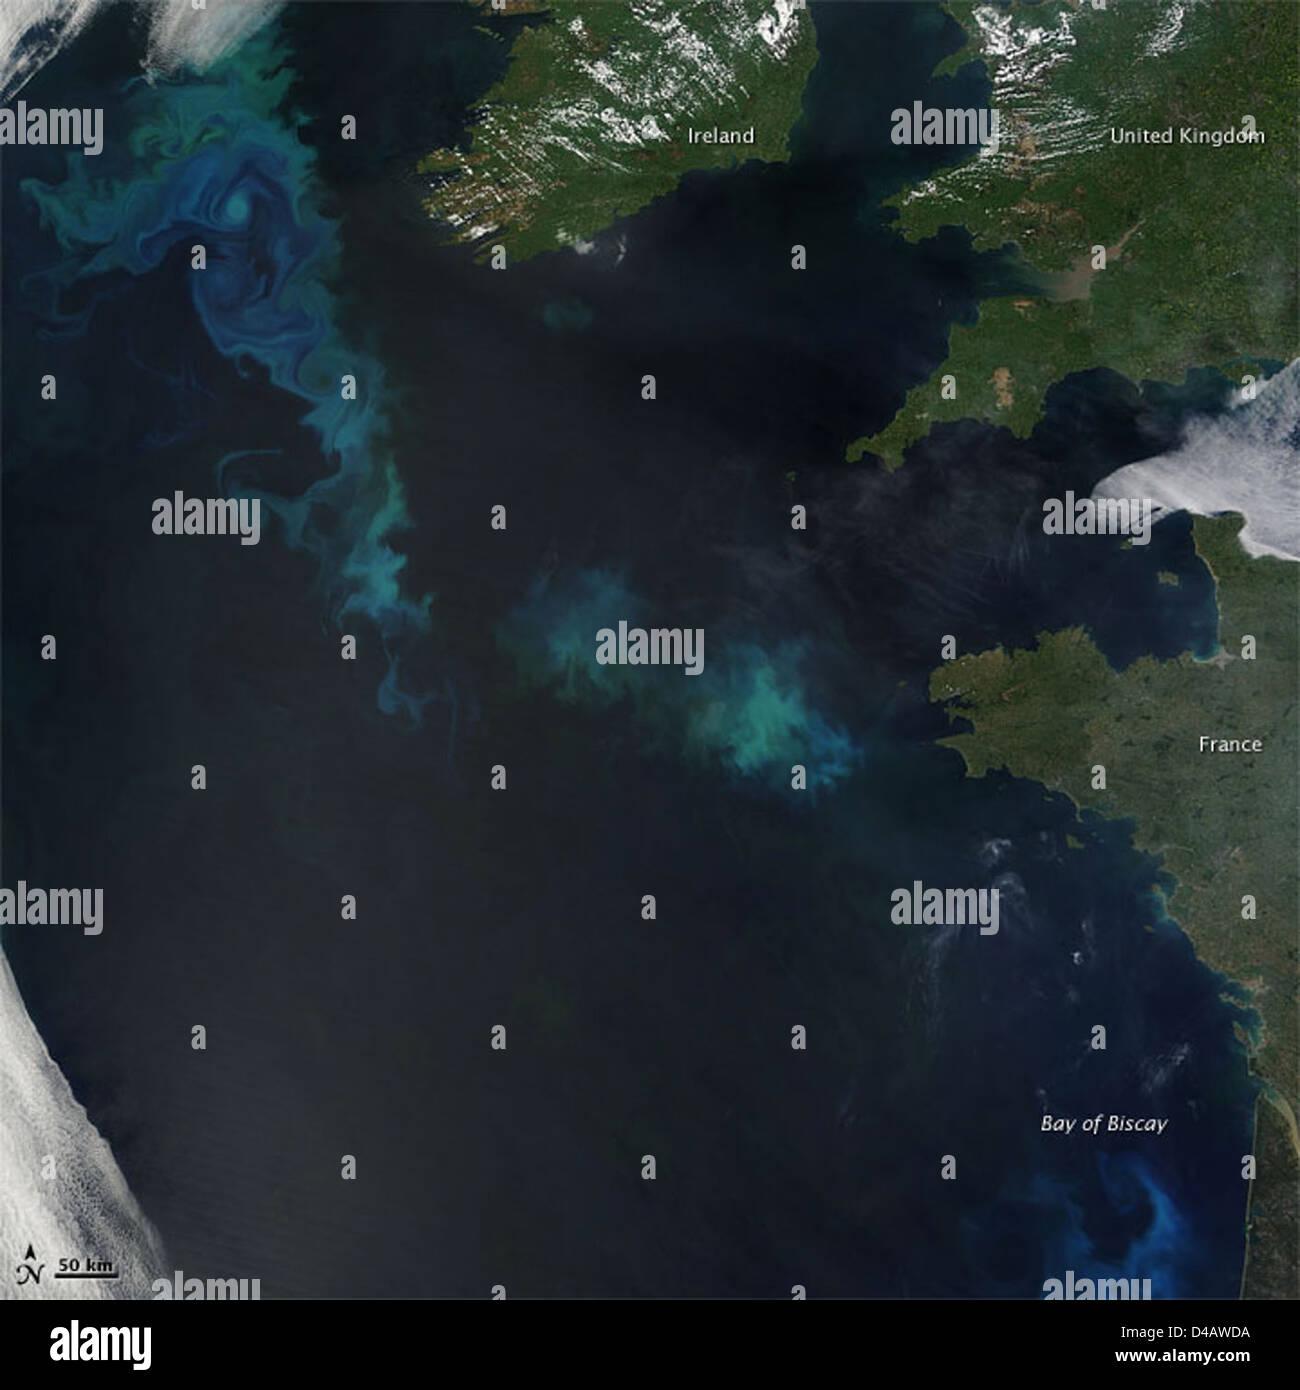 La floraison du phytoplancton dans l'Atlantique Nord [Détail] Banque D'Images